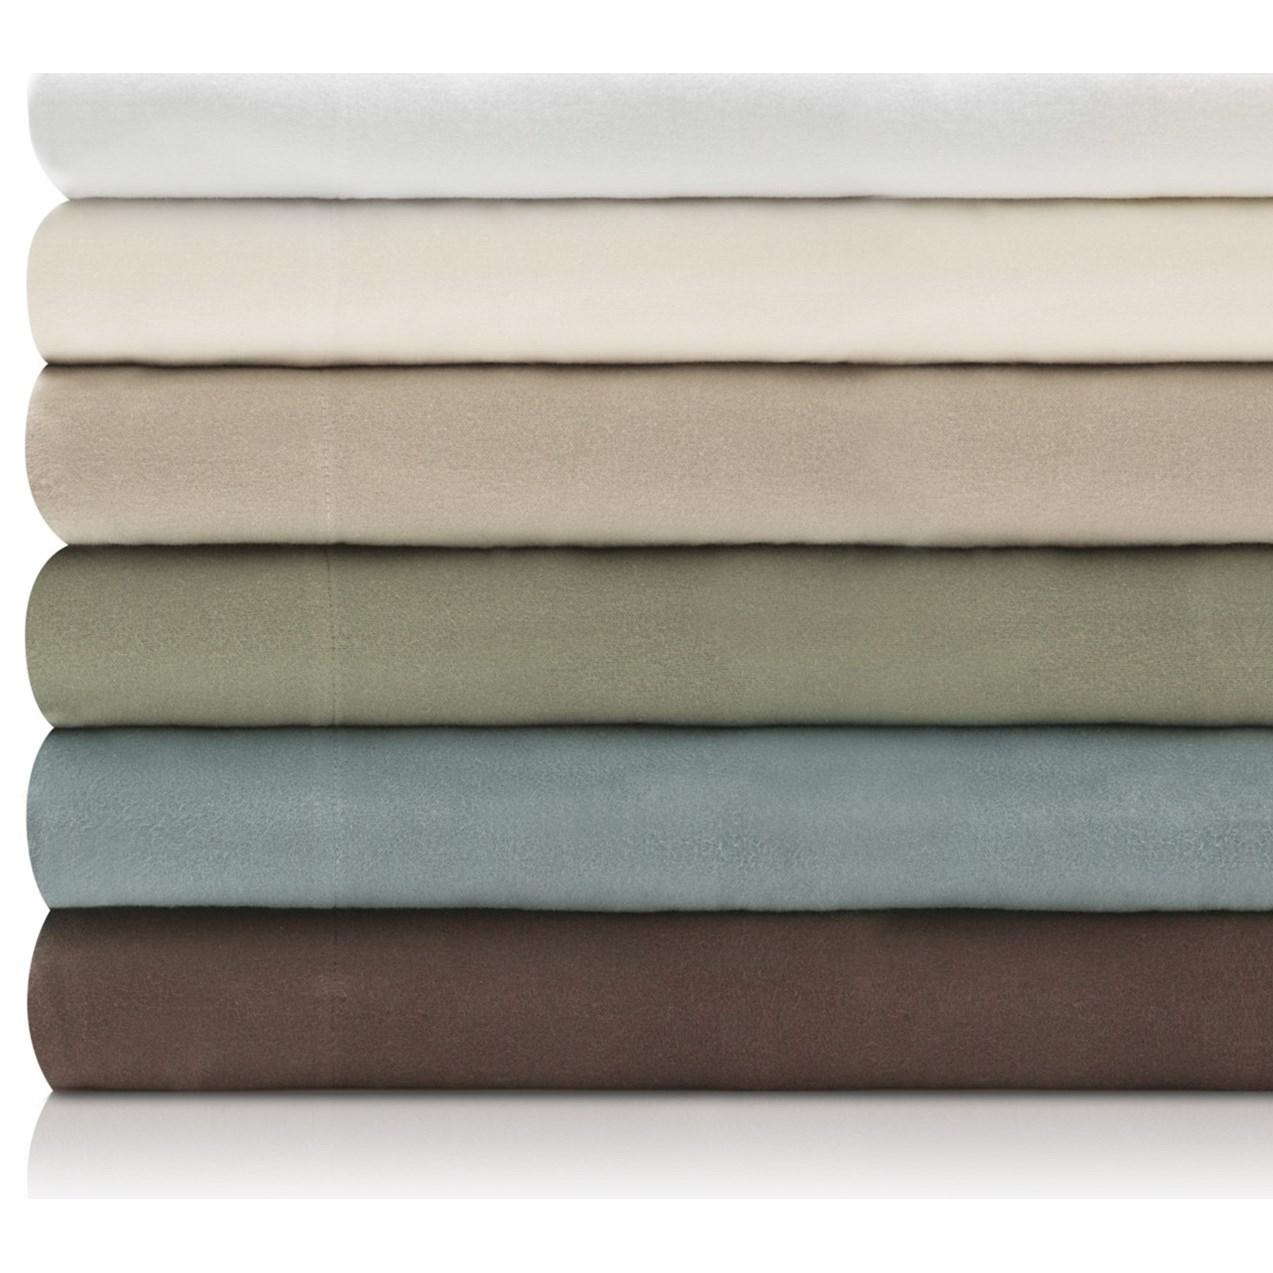 Malouf Portuguese Flannel Standard Woven™ Portuguese Flannel Standard  - Item Number: WO19STIVFC